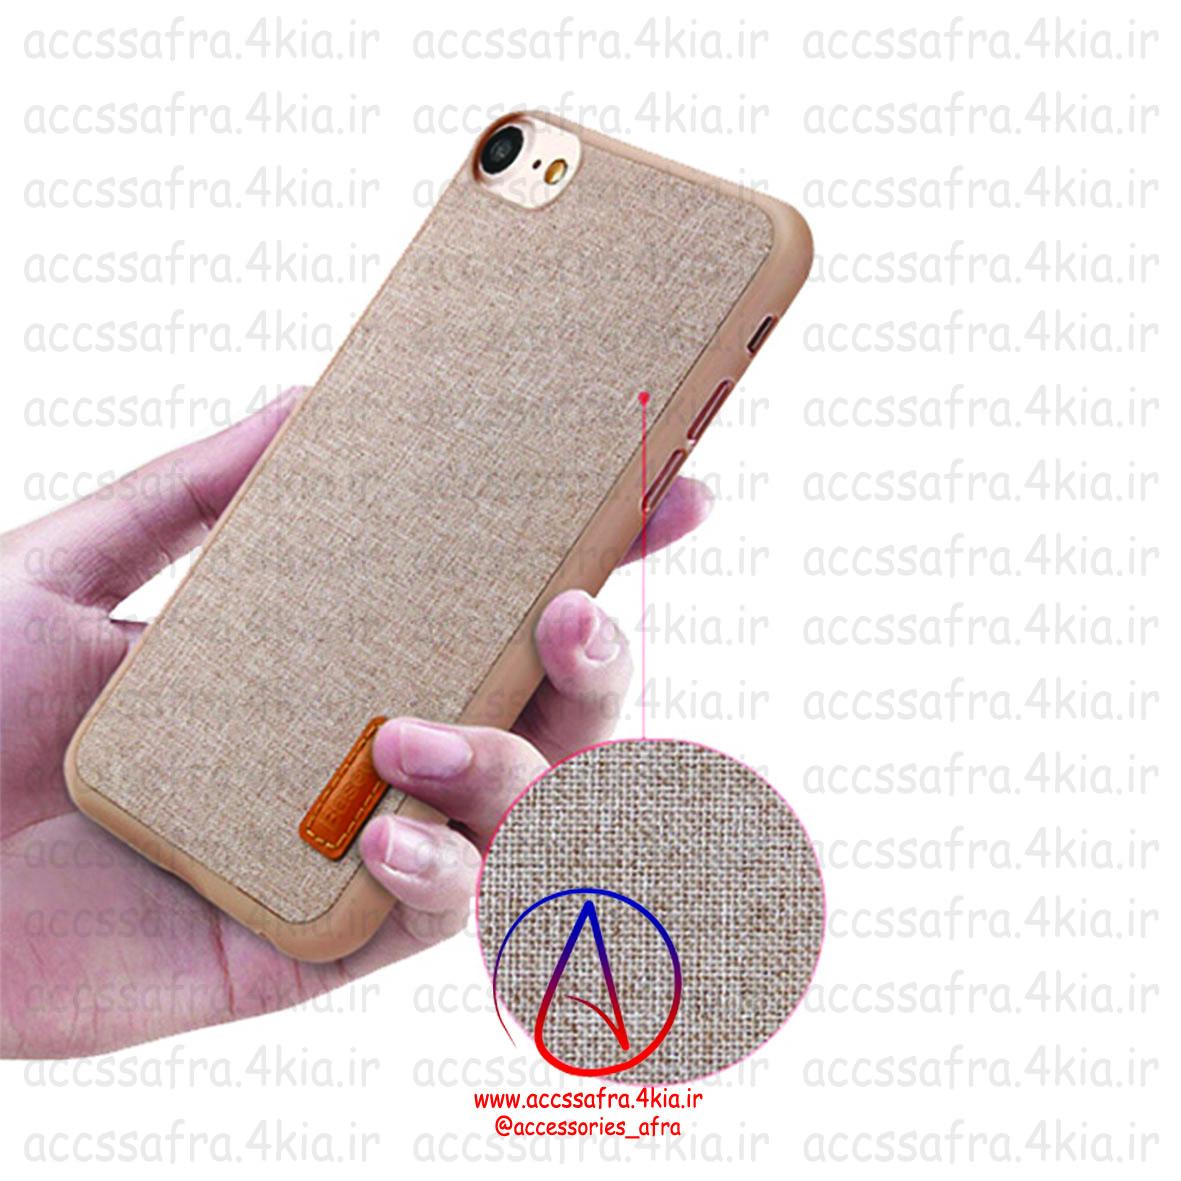 قاب محافظ بیسوس Baseus Grain Case Sunie Series iPhone 7